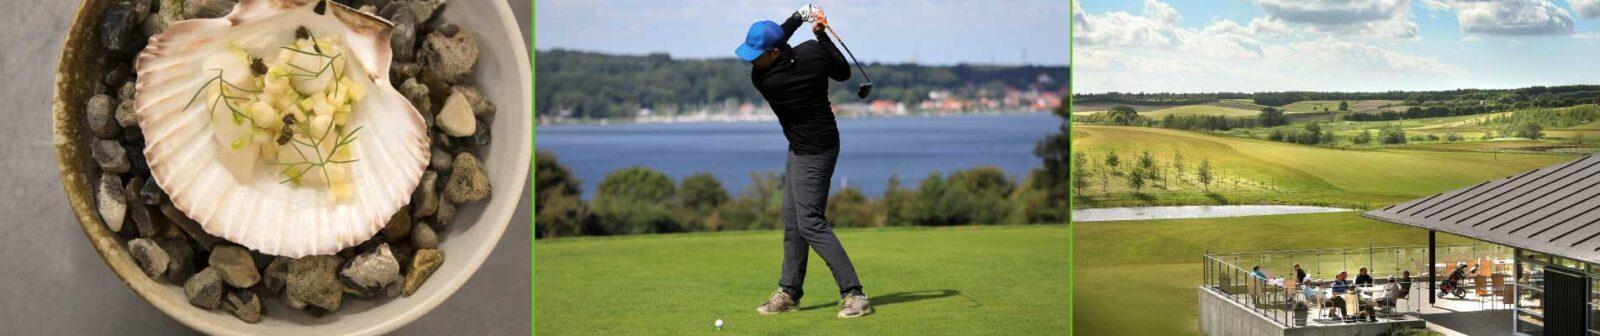 naar livet er golf